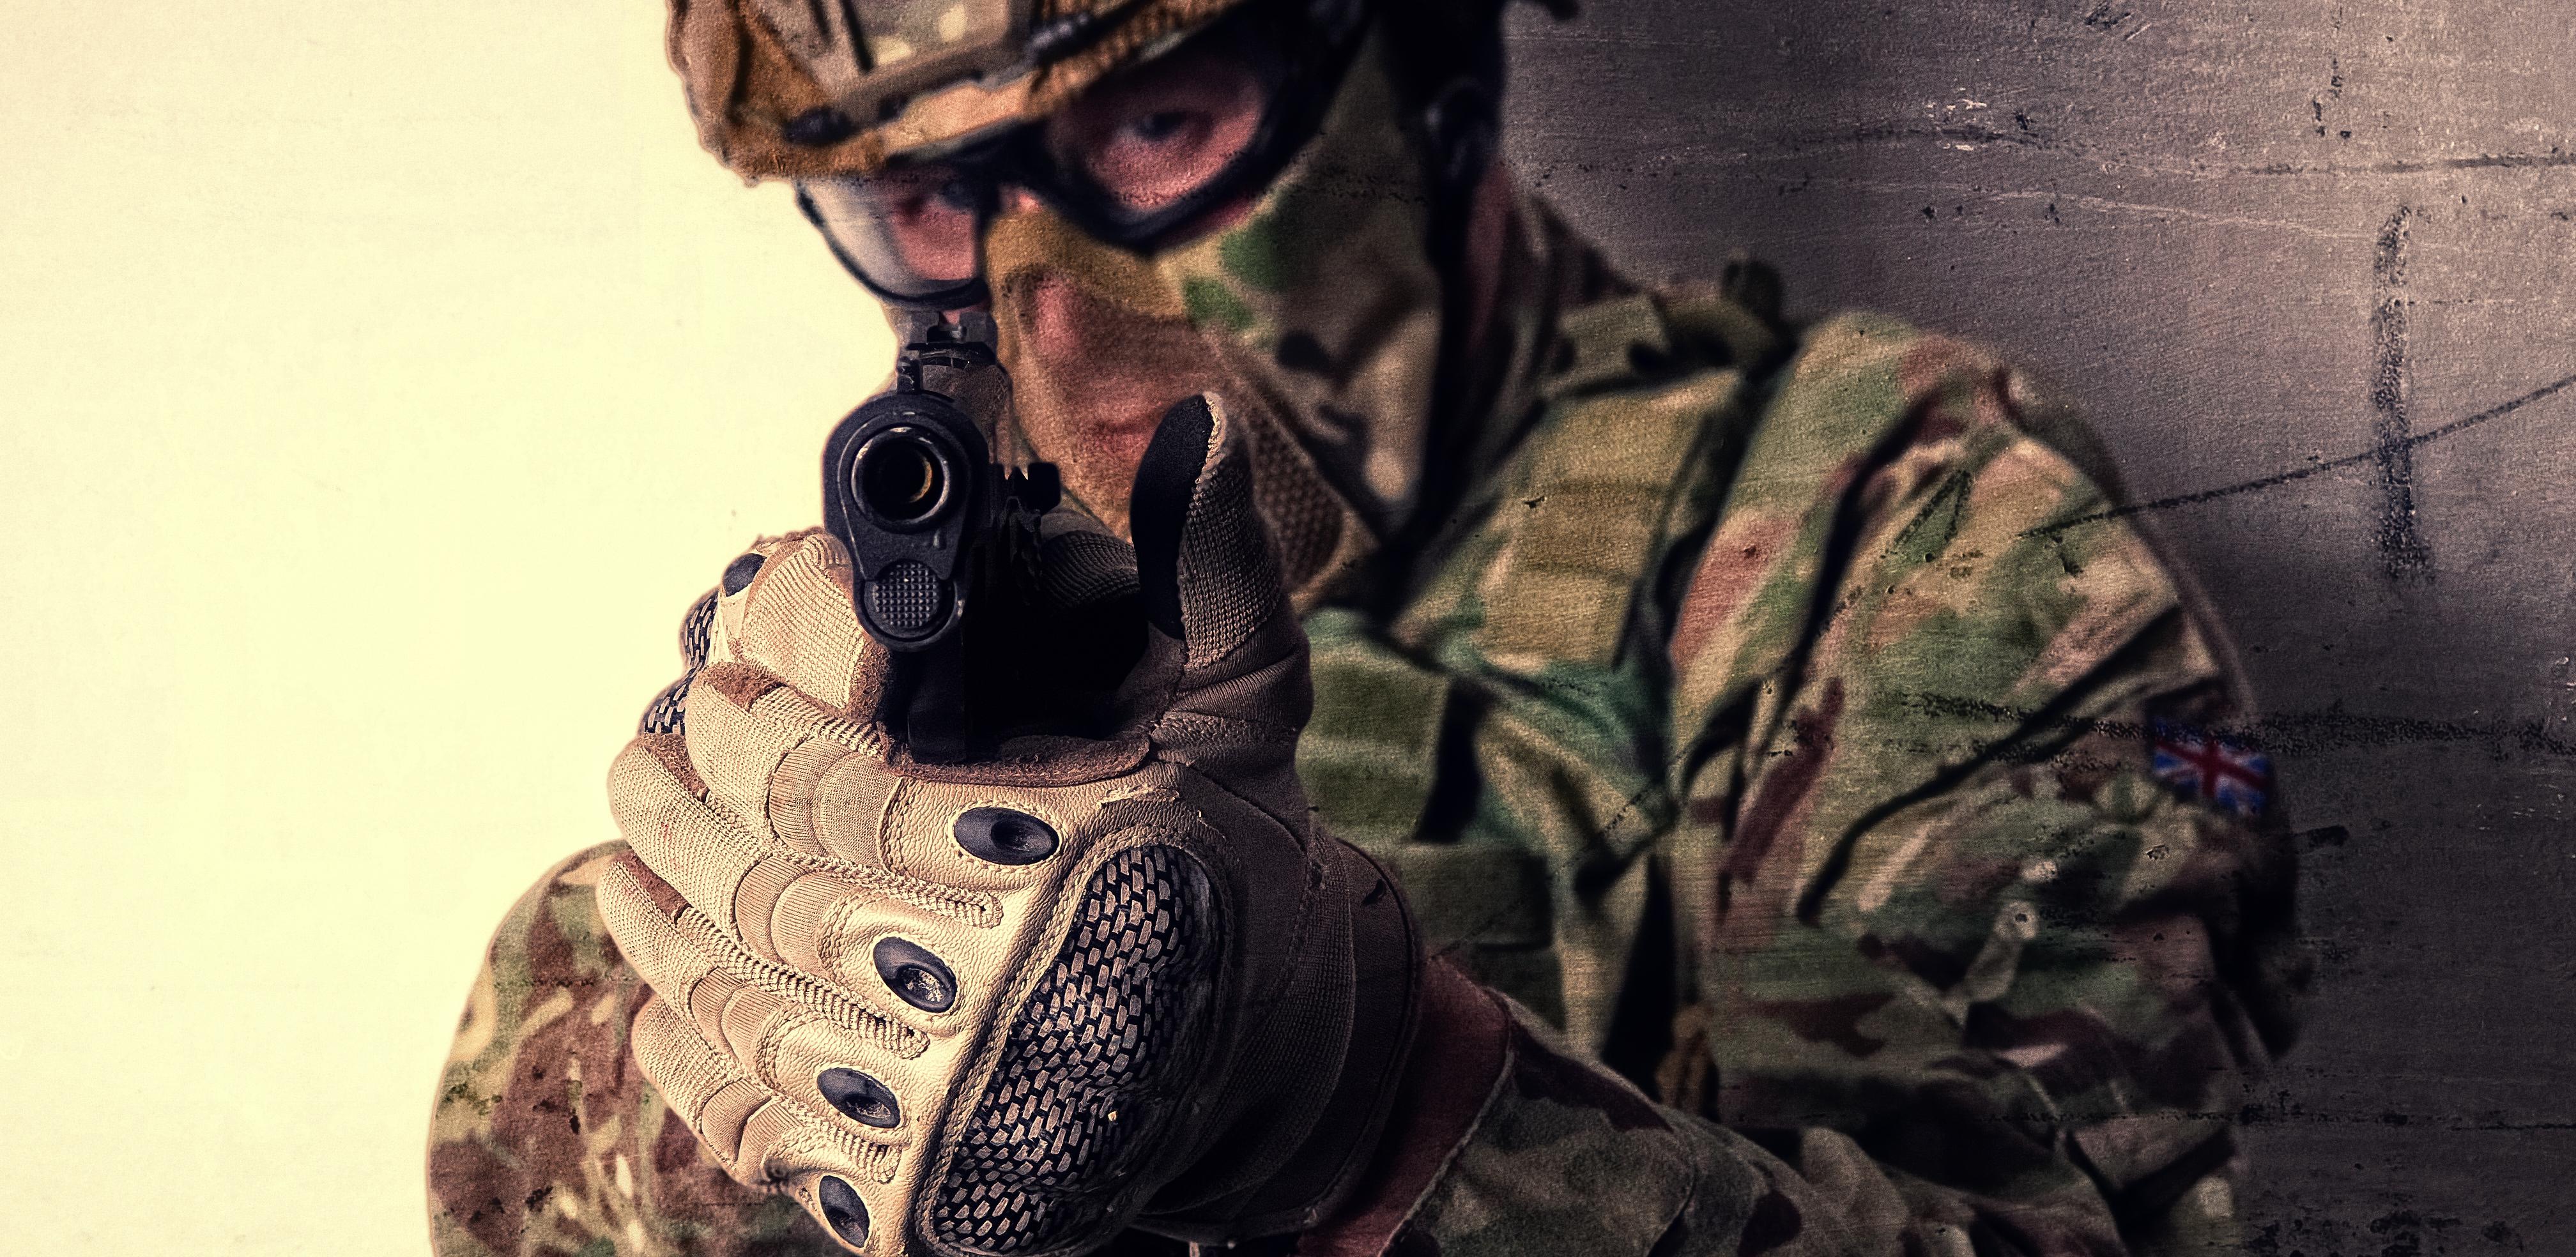 PPQ M2 Walther podczas rozgrywki